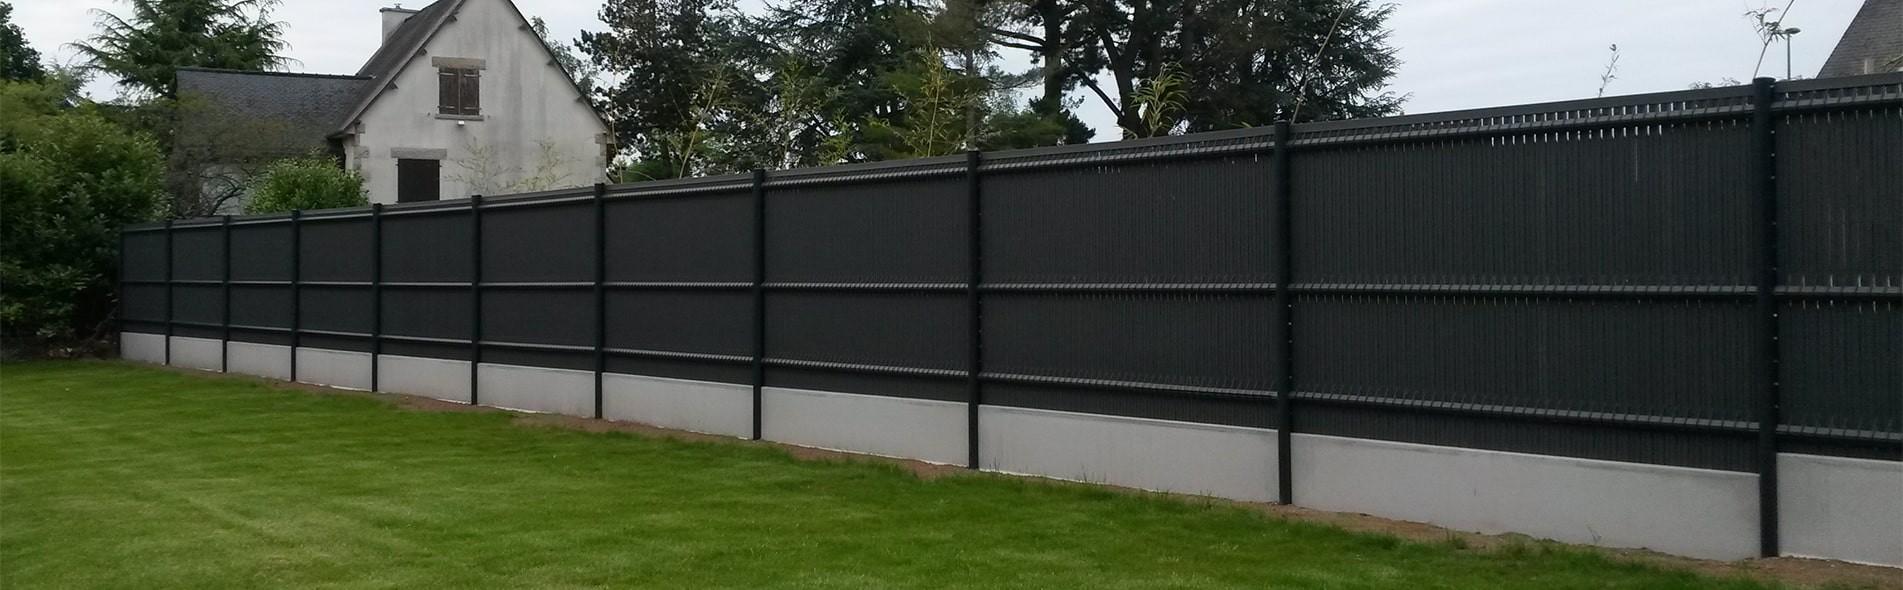 Vente De Clôtures Rigides (Pvc, Alu) Grillages & Portails à Panneau Occultant Jardin Pas Cher